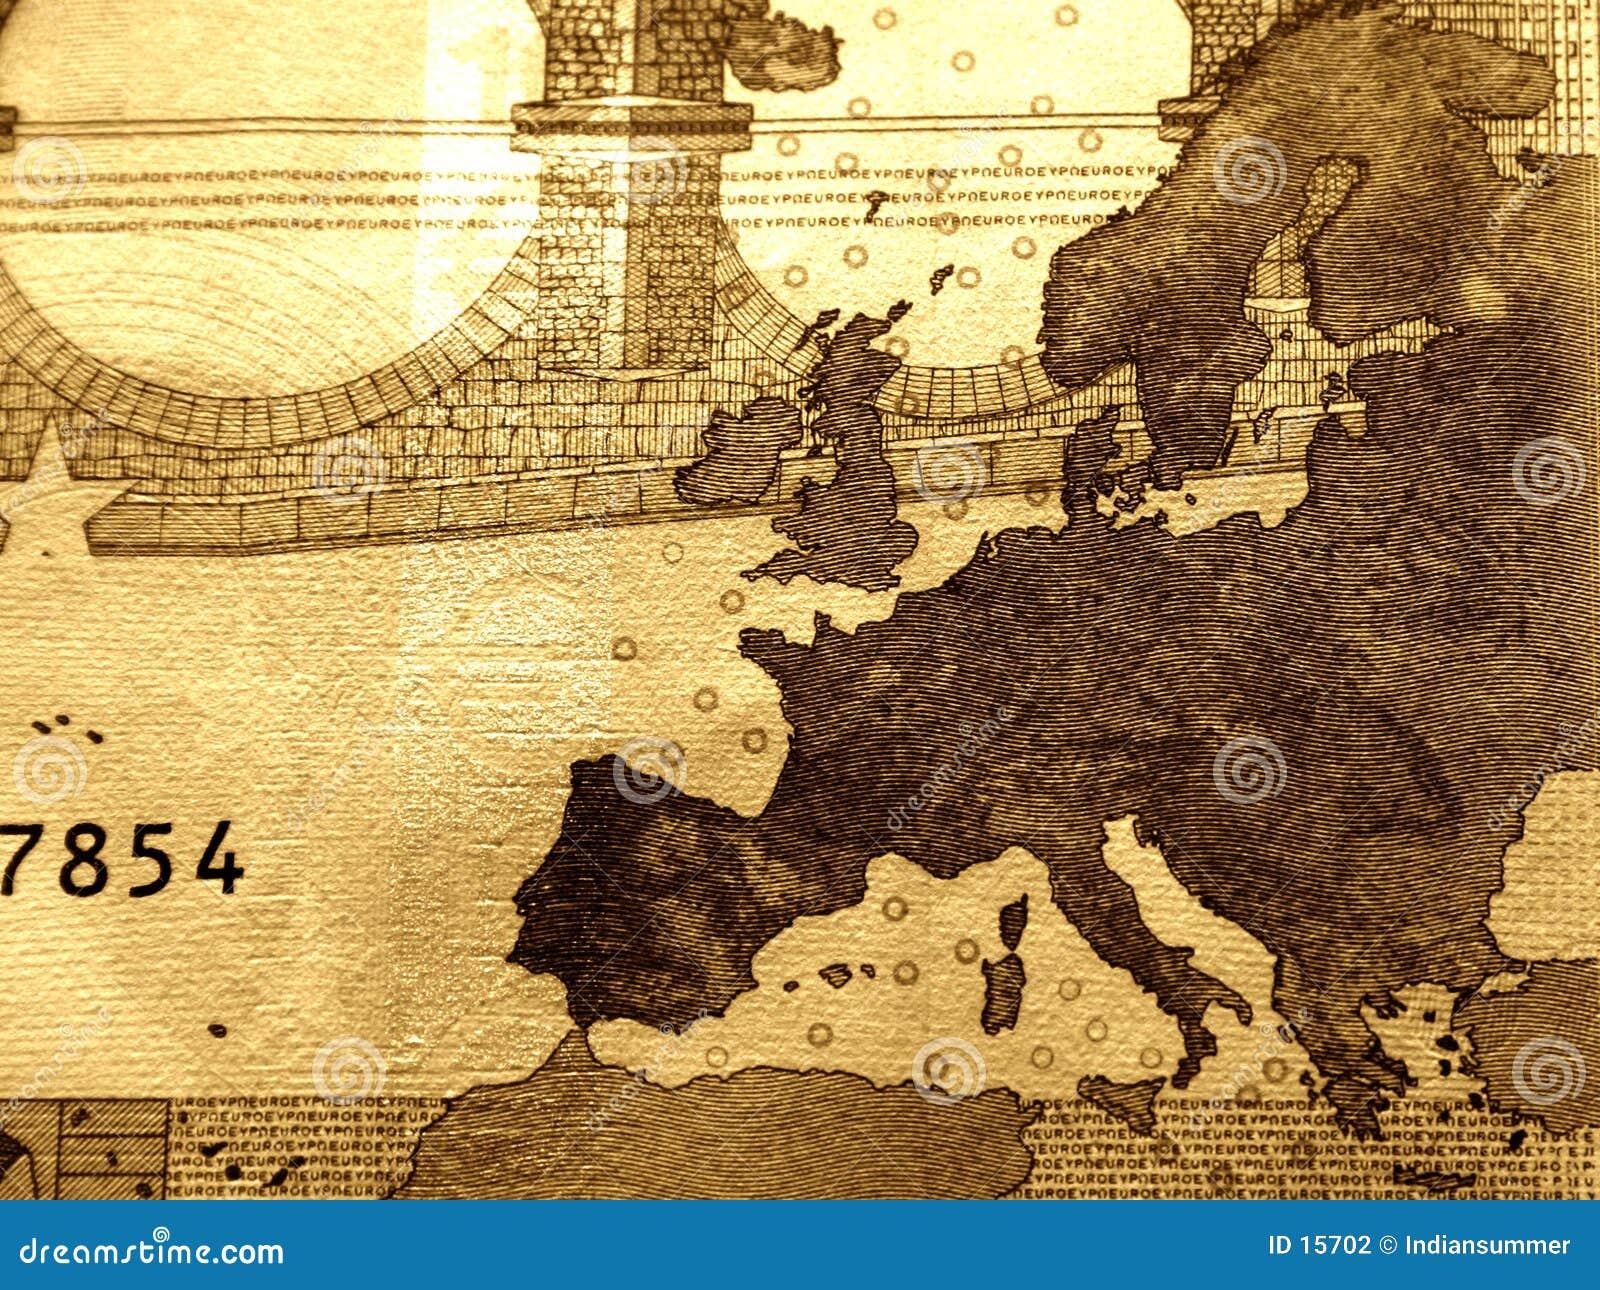 10-Euro-Rechnungsnahaufnahme, einzeln aufgeführt